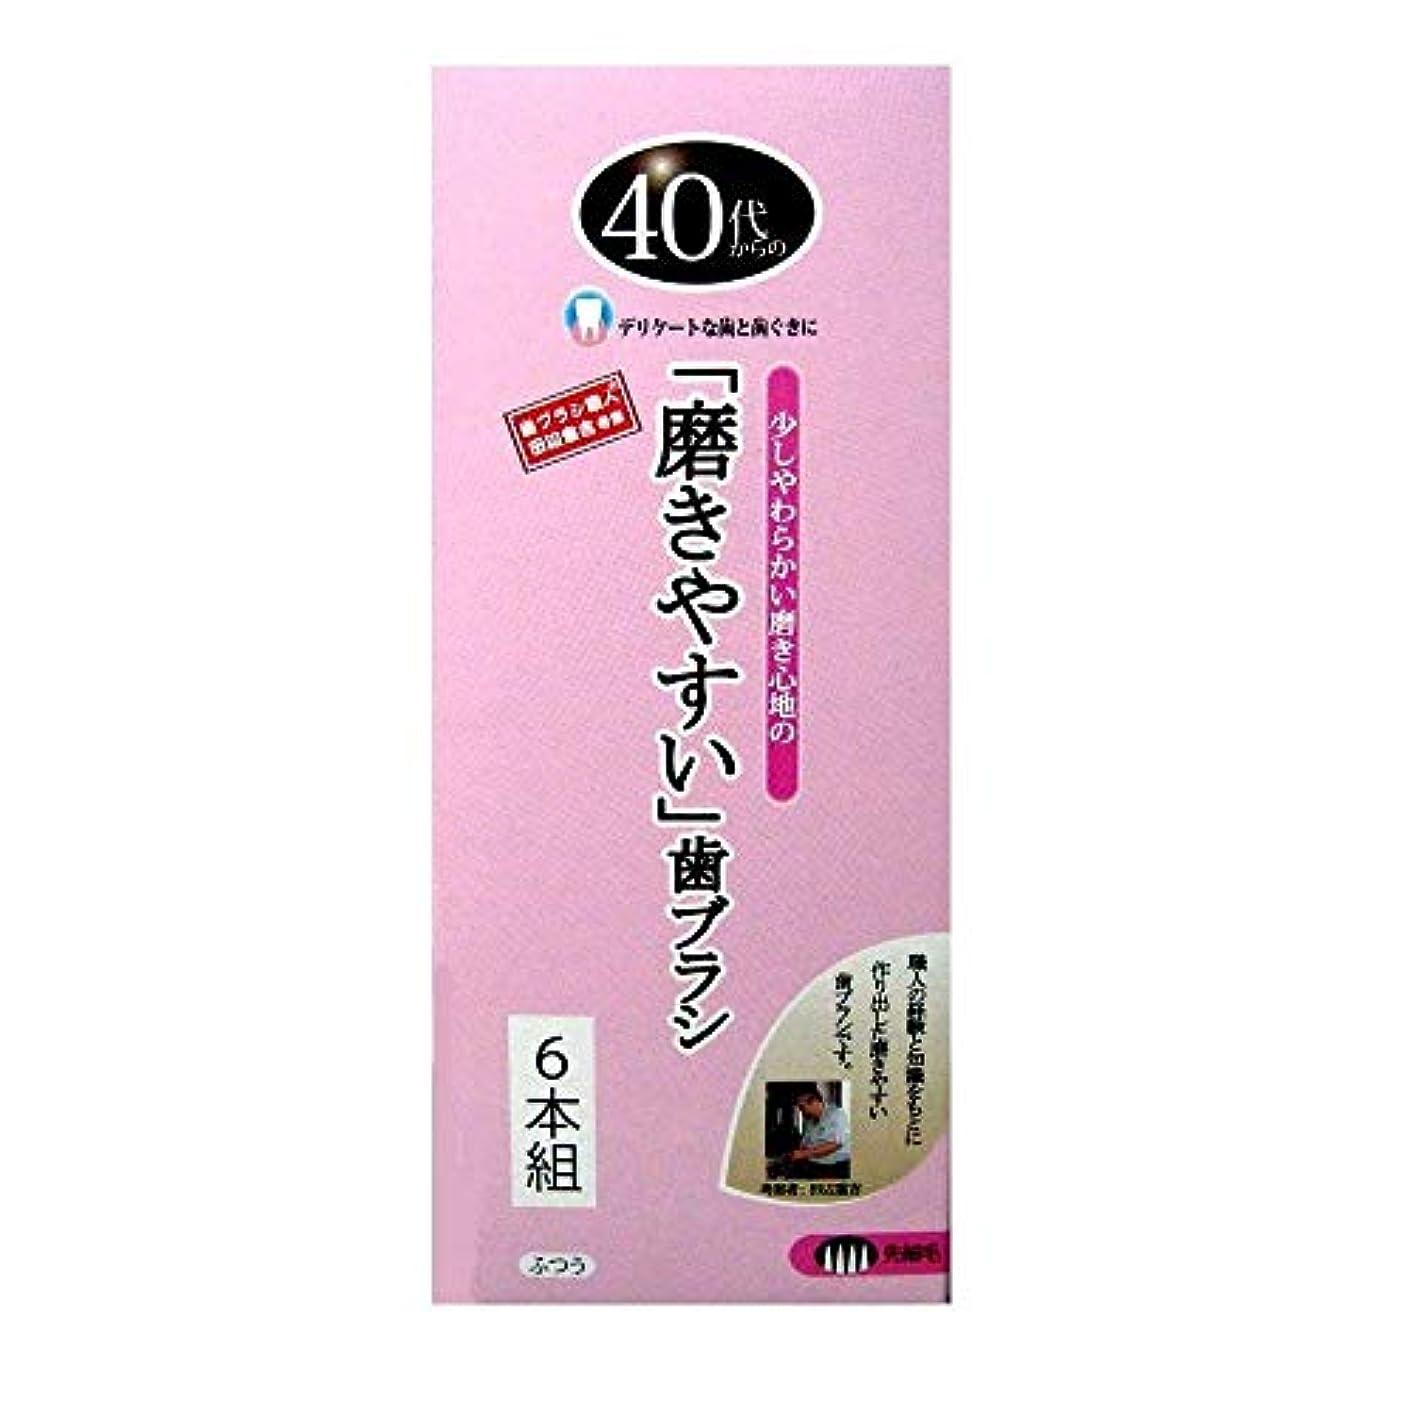 初期そんなに粗い歯ブラシ職人 Artooth ® 田辺重吉の磨きやすい 40代からの歯ブラシ 歯ぐきにやさしい 細めの毛 先細毛 日本製 6本セットLT-15-6